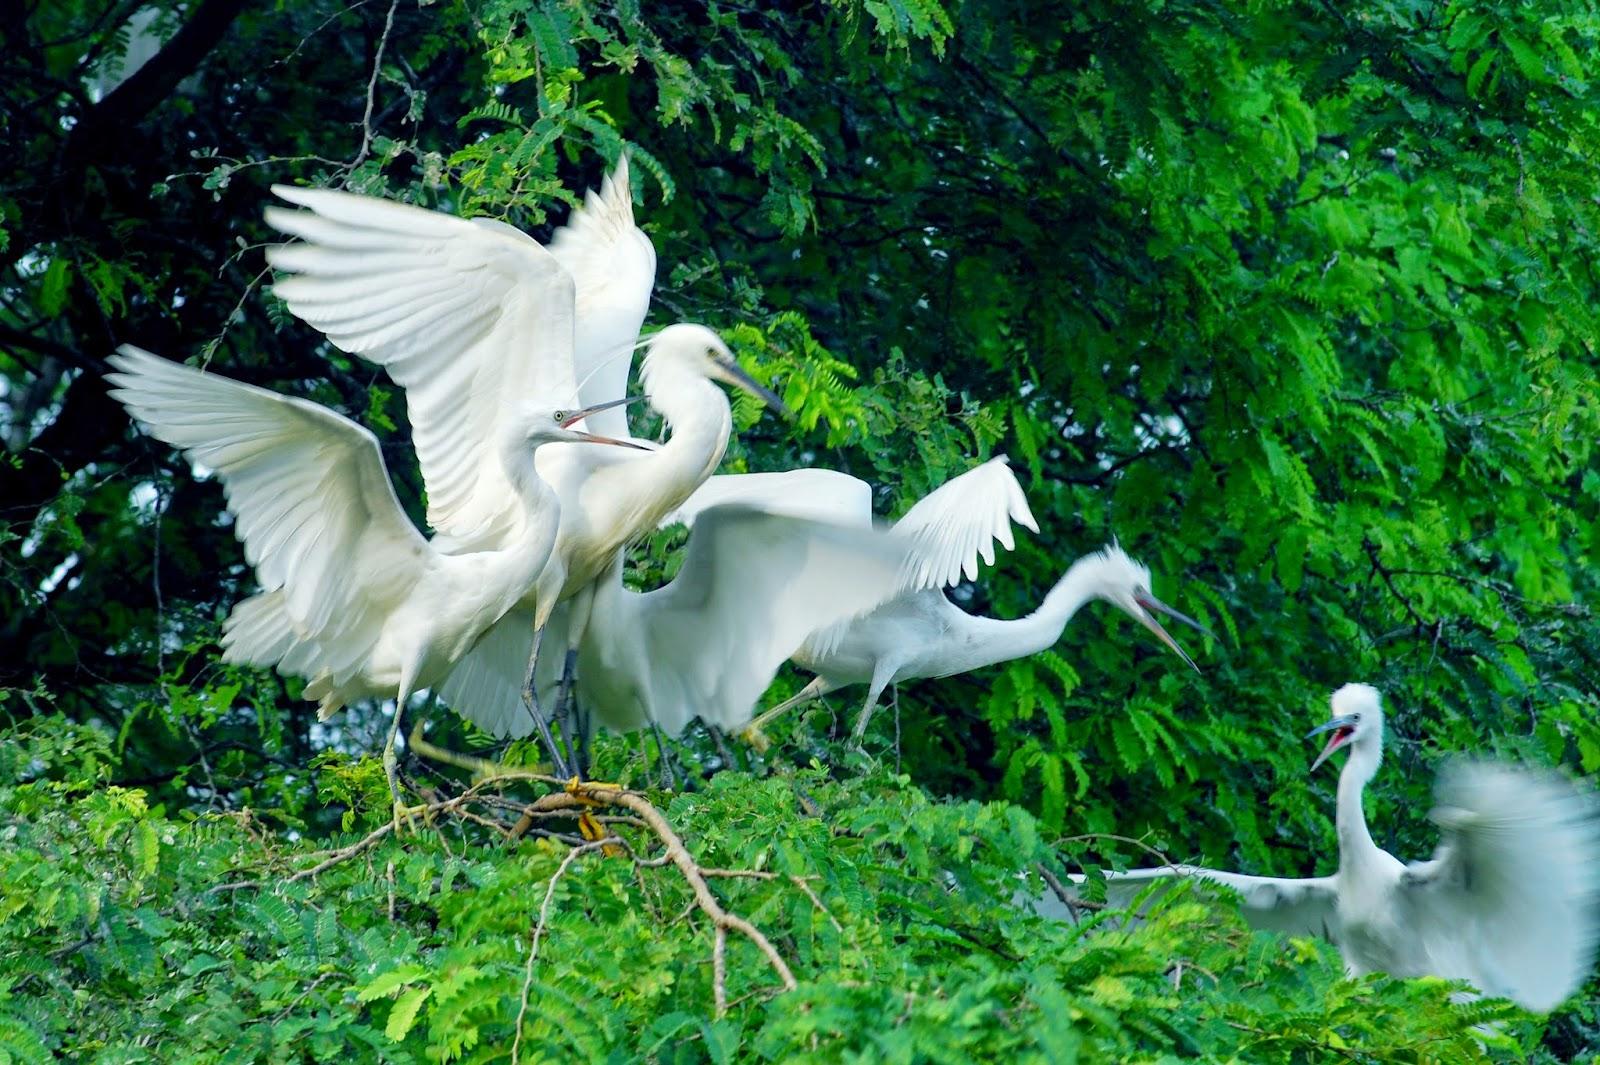 Kinh nghiệm du lịch bến ttre và những địa điểm du lịch đáng nhớ ở Đồng bằng Sông Cửu Long